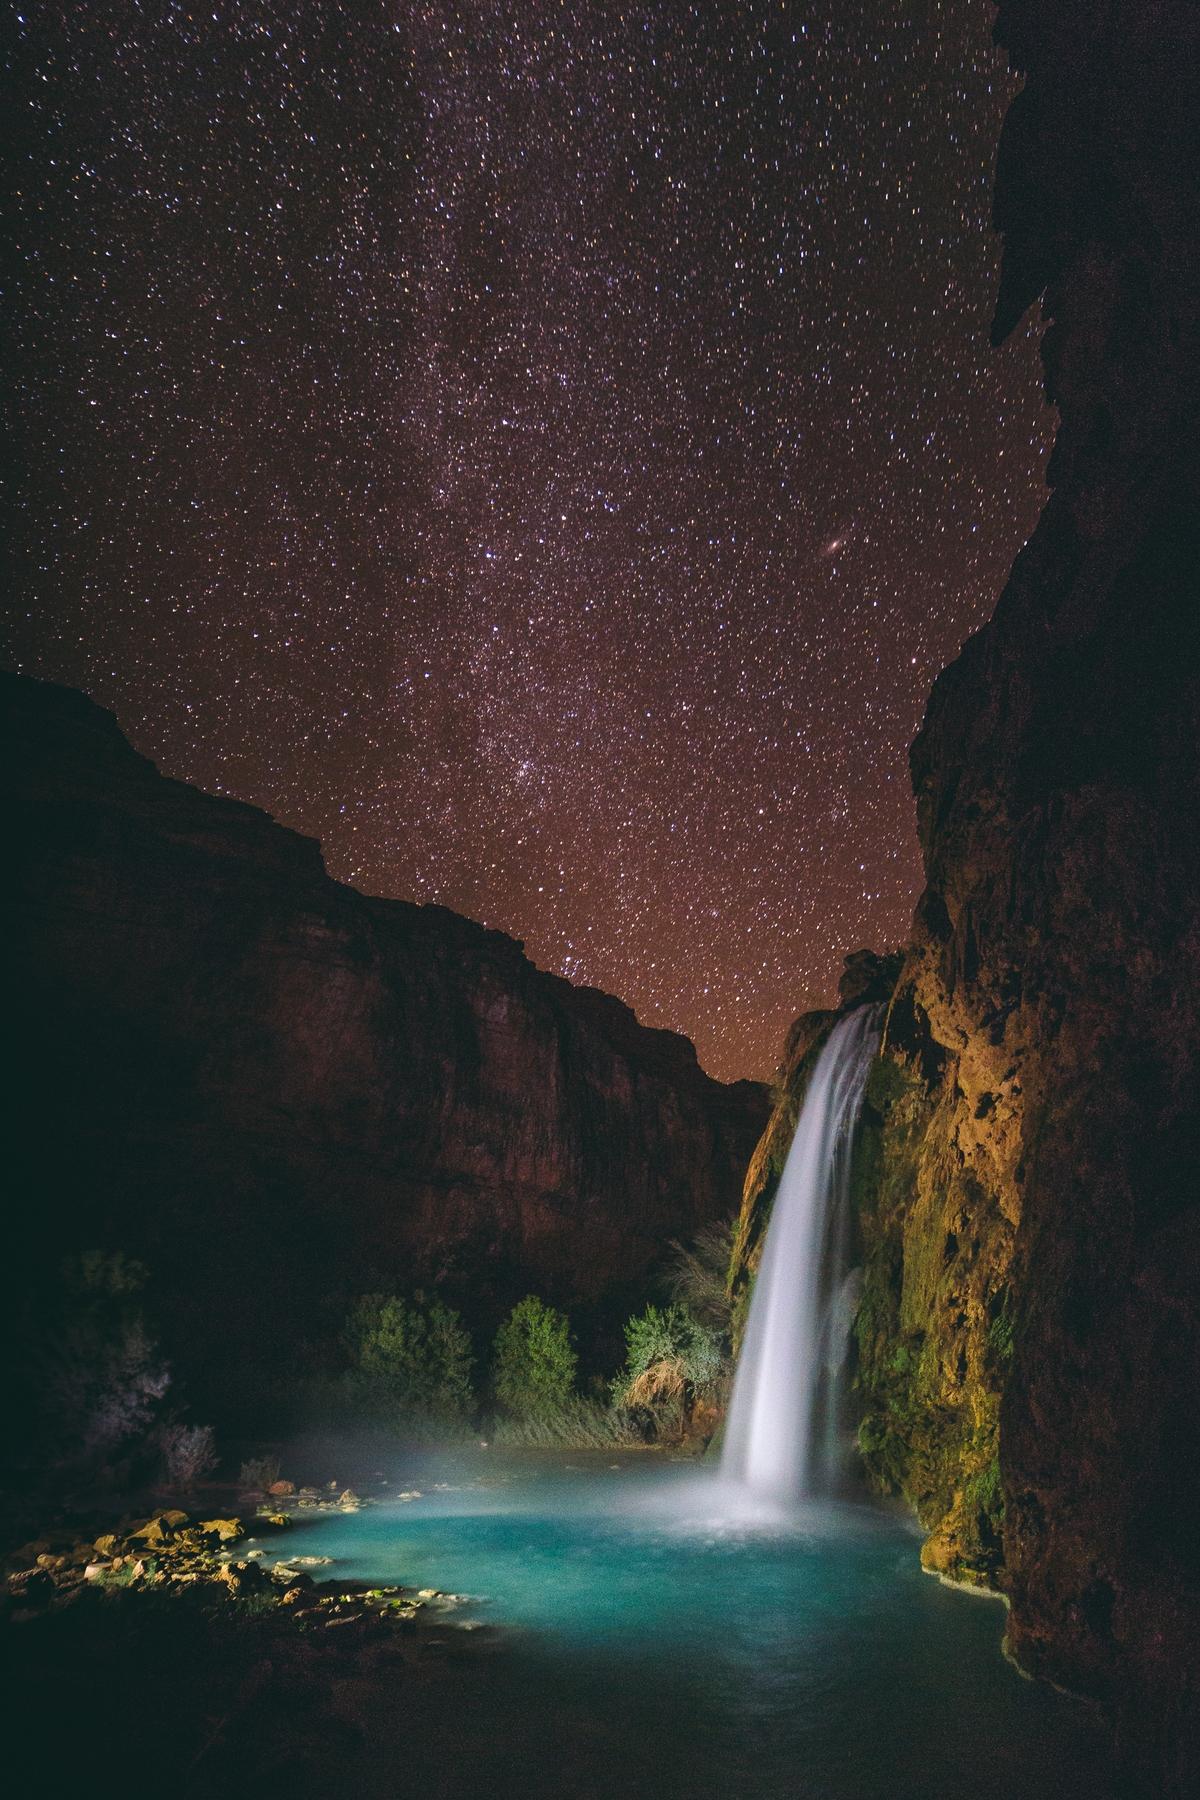 Водопад Хавасу недалеко от уединенной деревушки Супаи в Аризоне, США